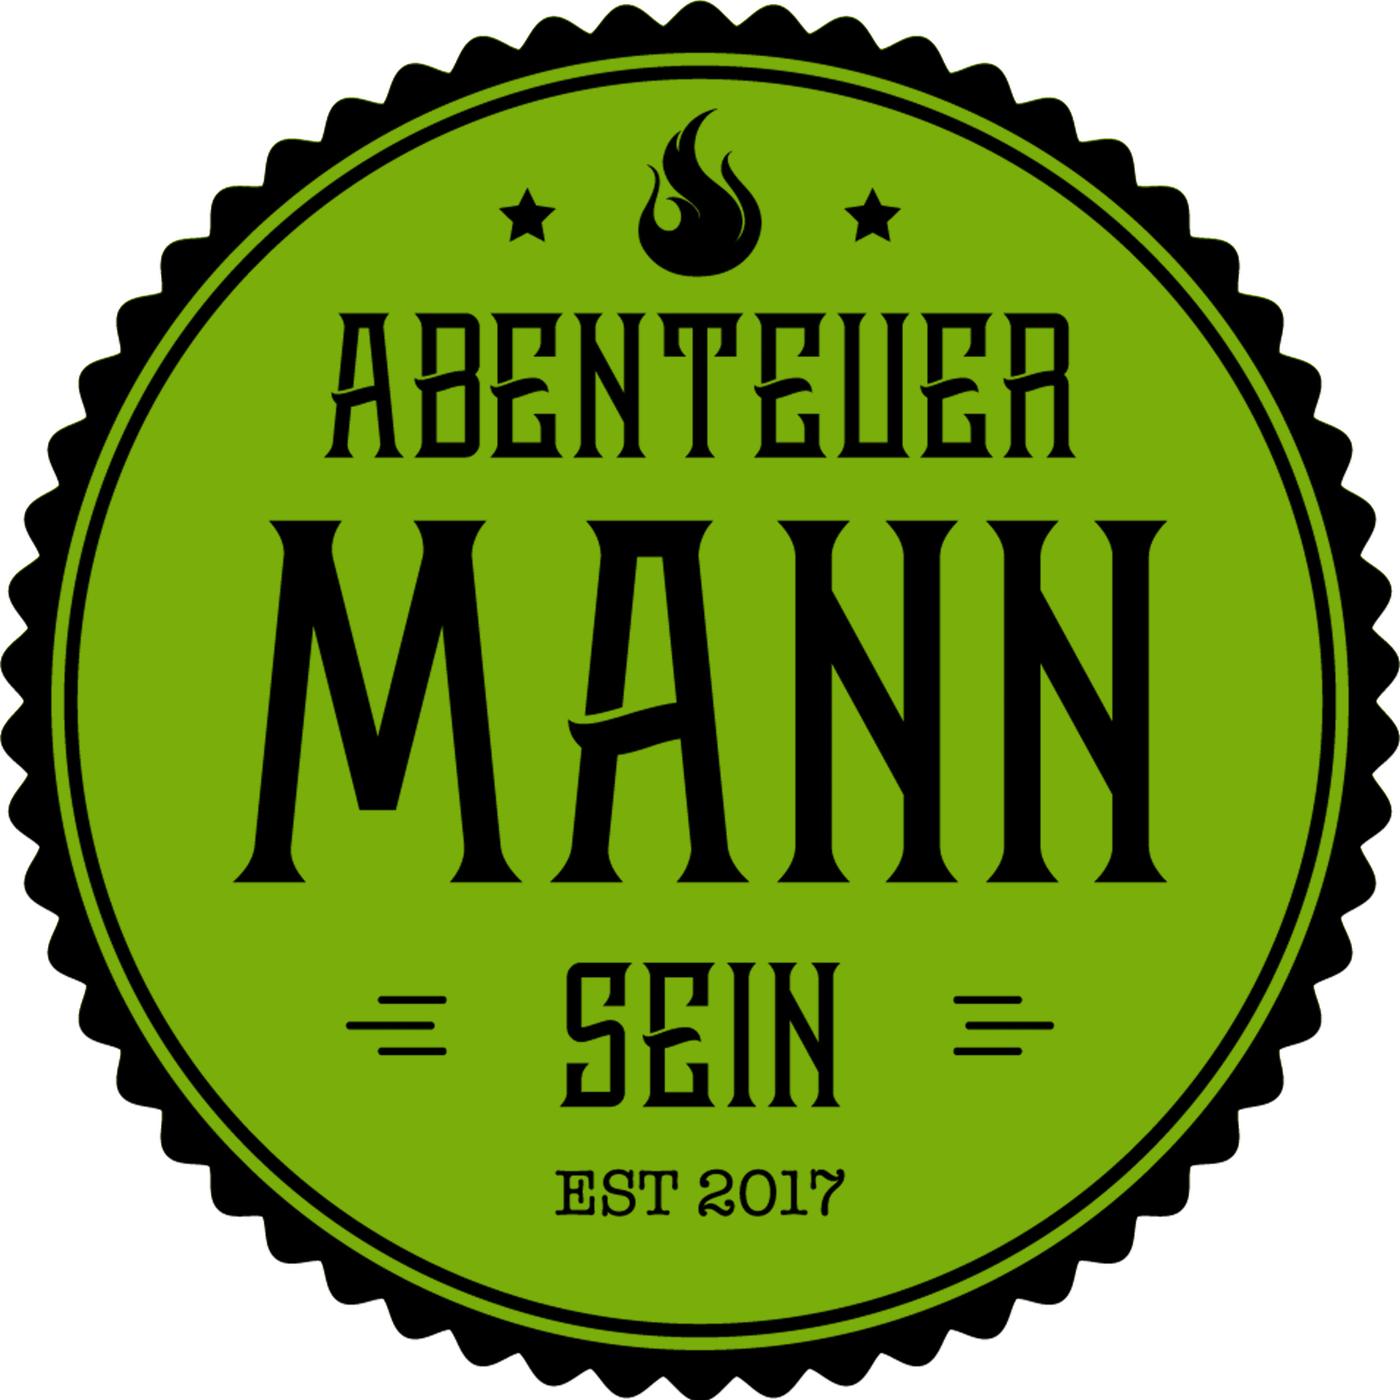 Abenteuer. Mann. Sein. -  Der Männer-Podcast mit Tobias Niewöhner show art